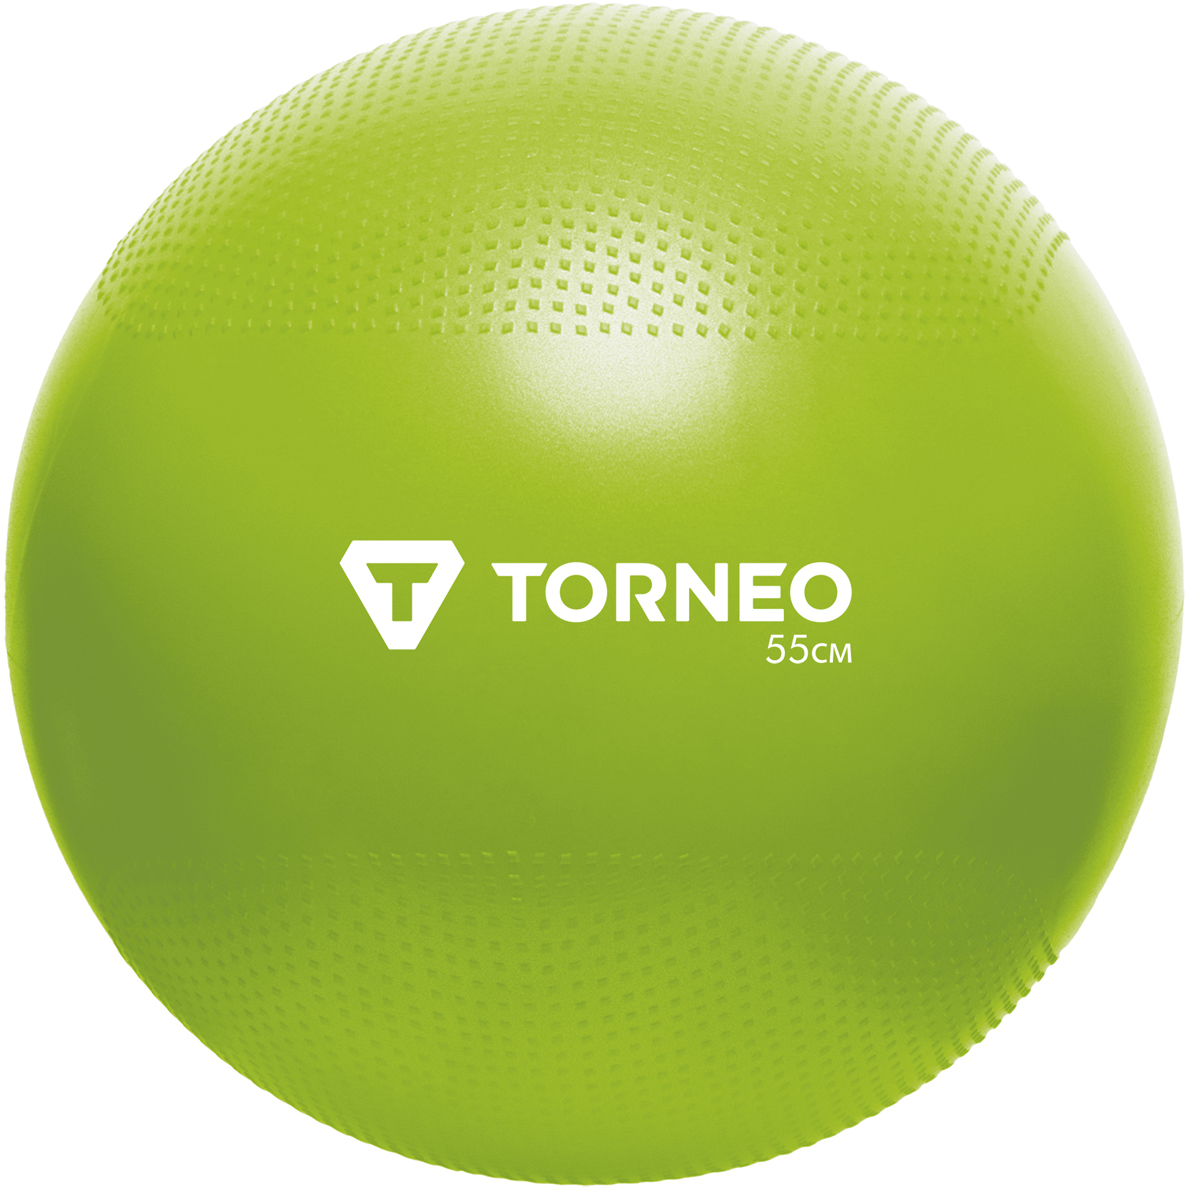 Мяч гимнастический Torneo, цвет: зеленый, диаметр 55 см мяч гимнастический z sports hopping ball 55 см